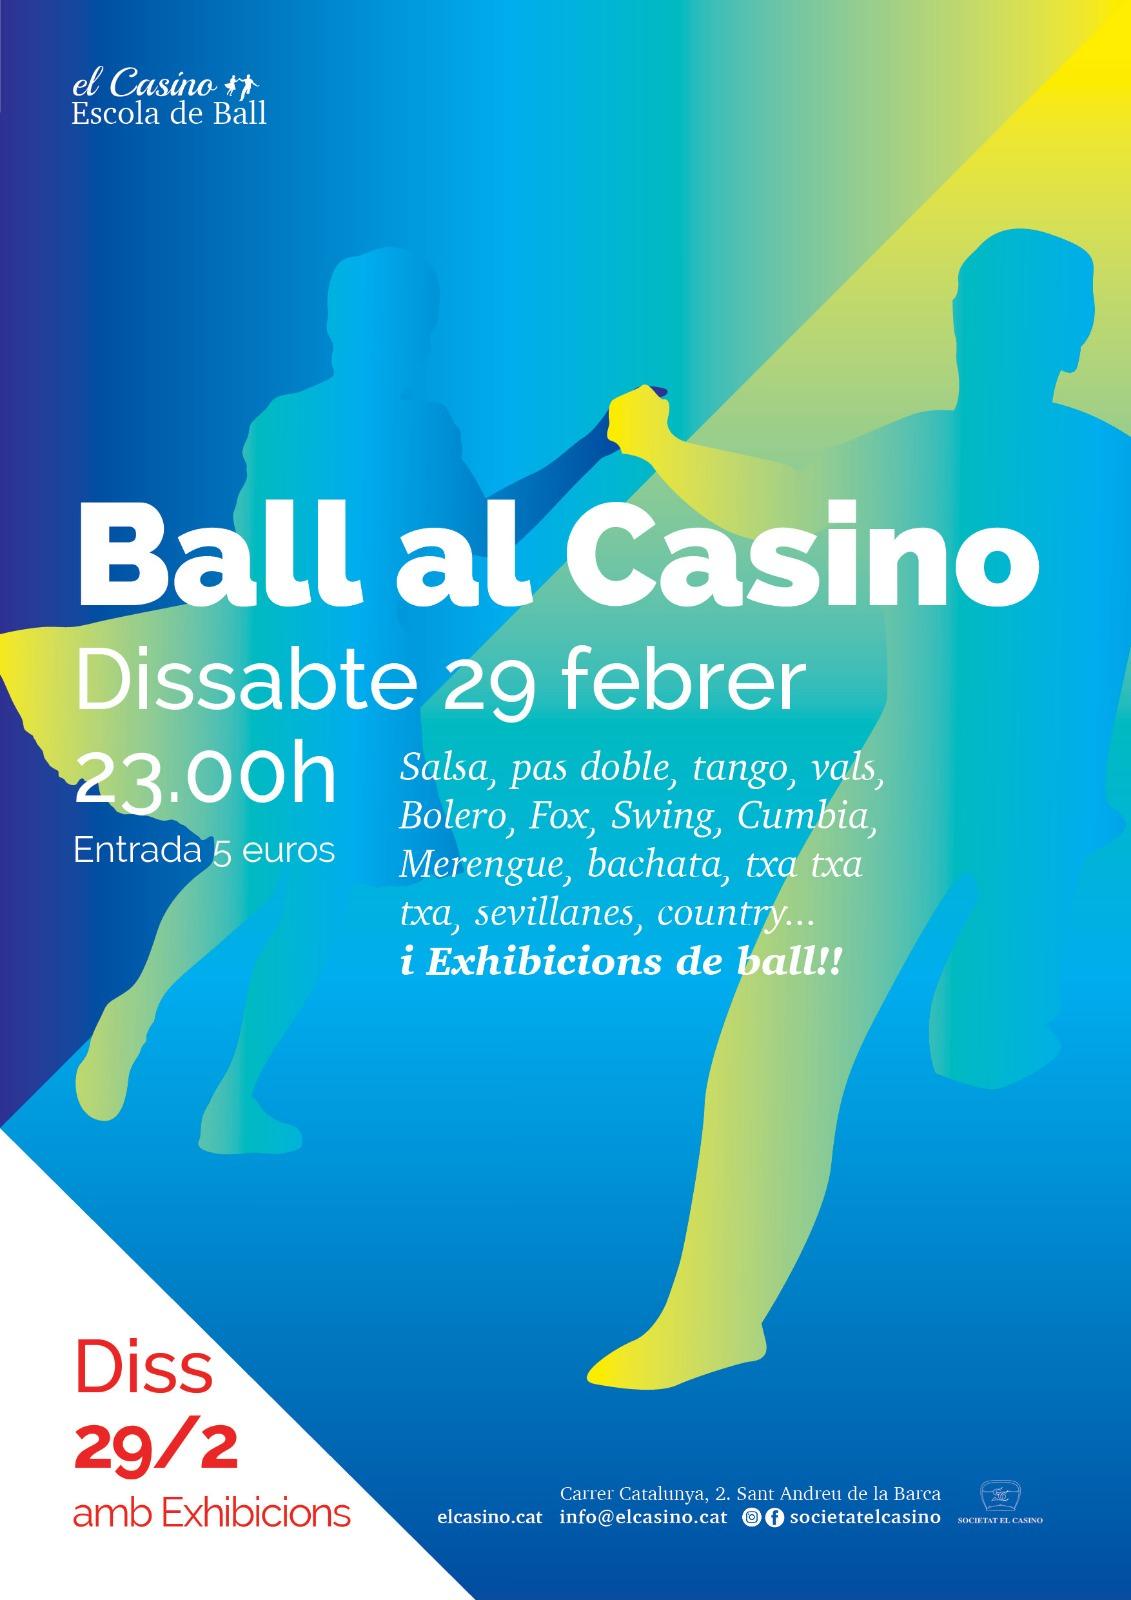 Baile 29 Febrero